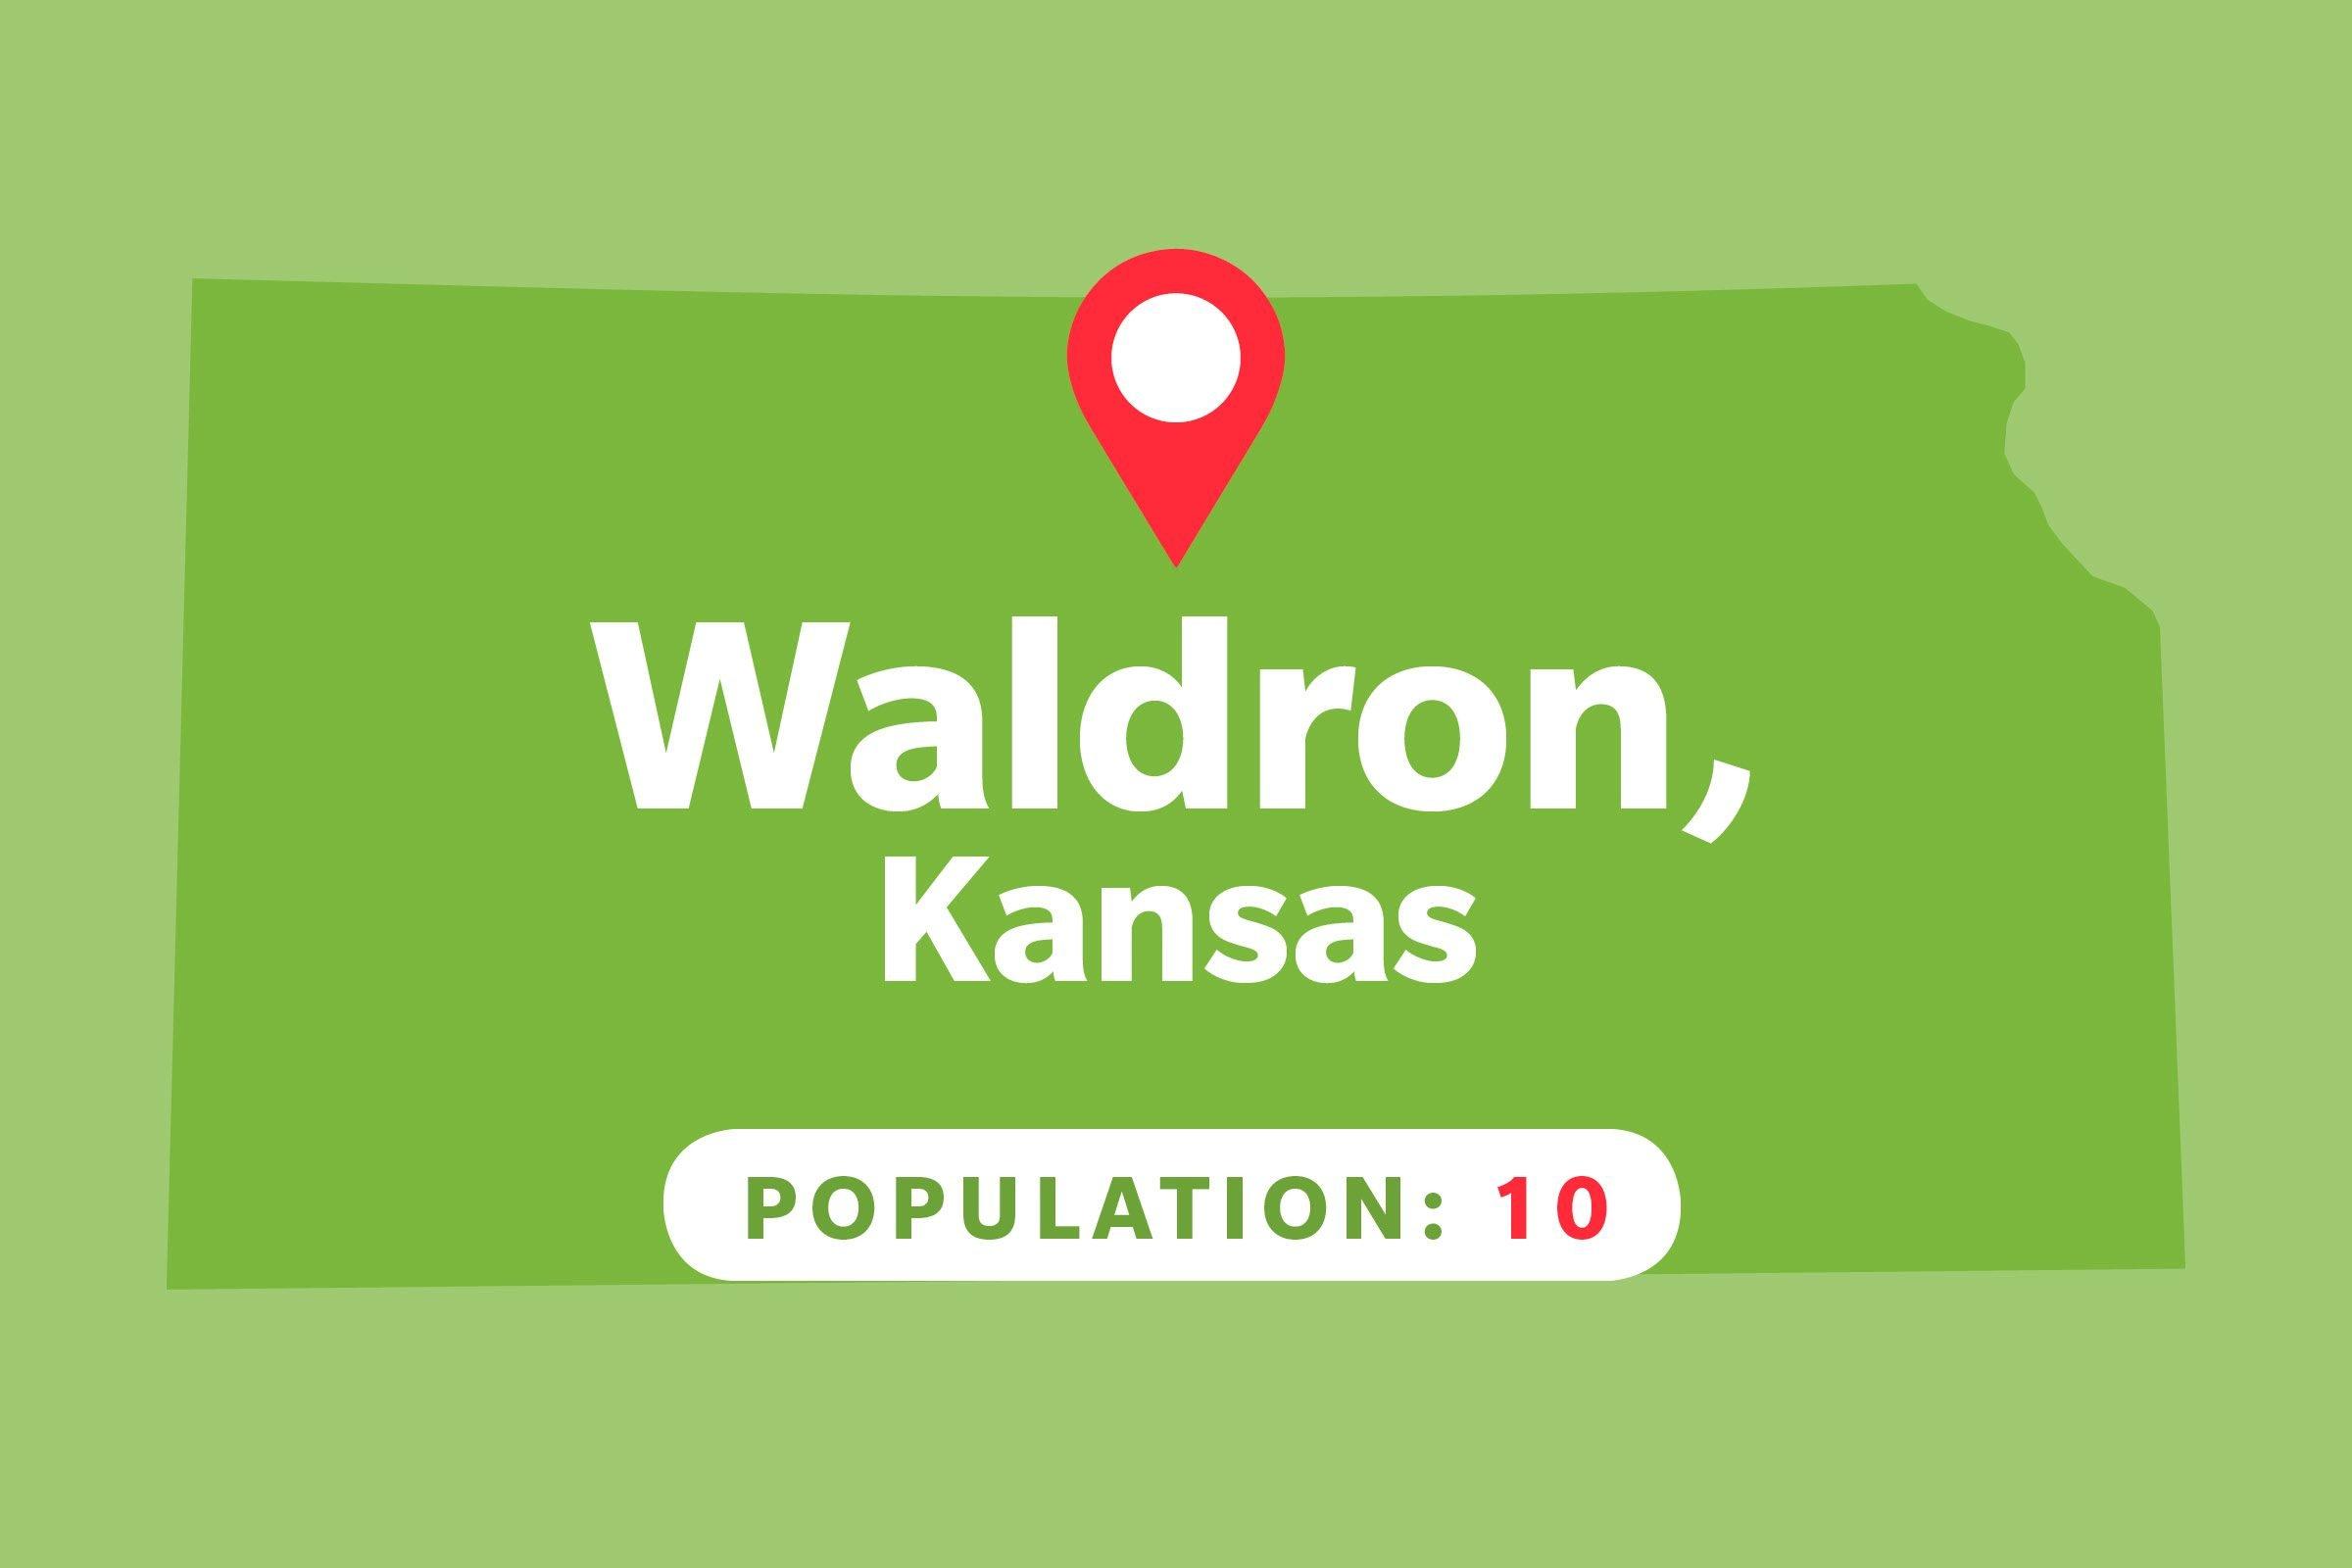 Waldron, Kansas